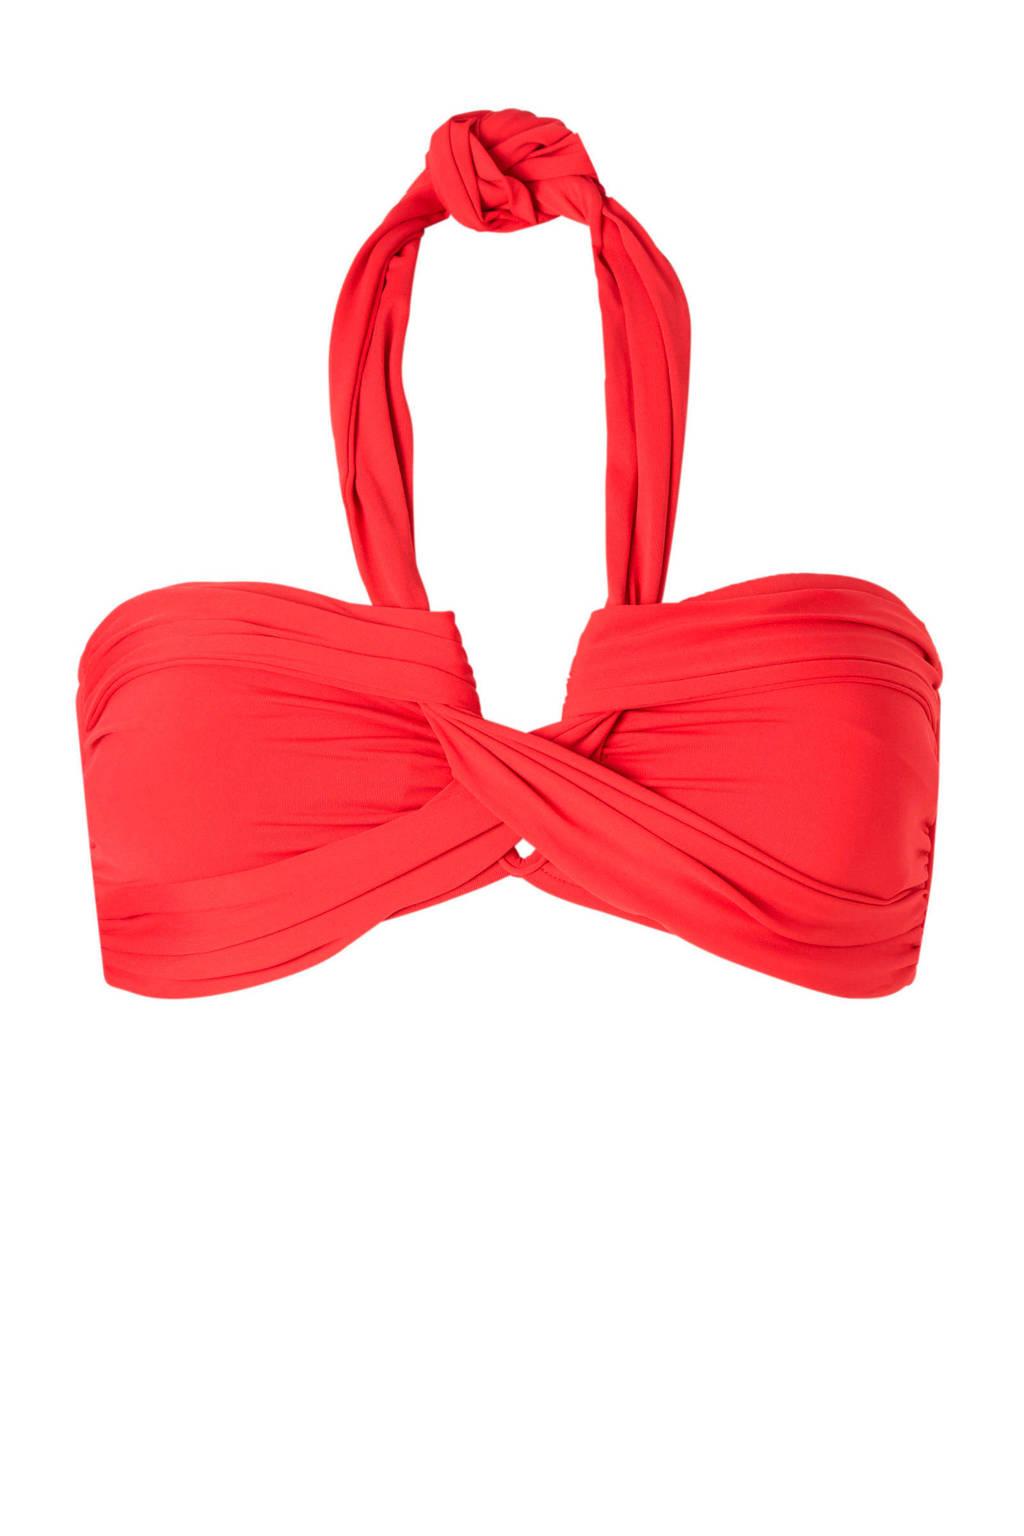 Seafolly Mix & Match bandeau bikinitop, Koraal rood